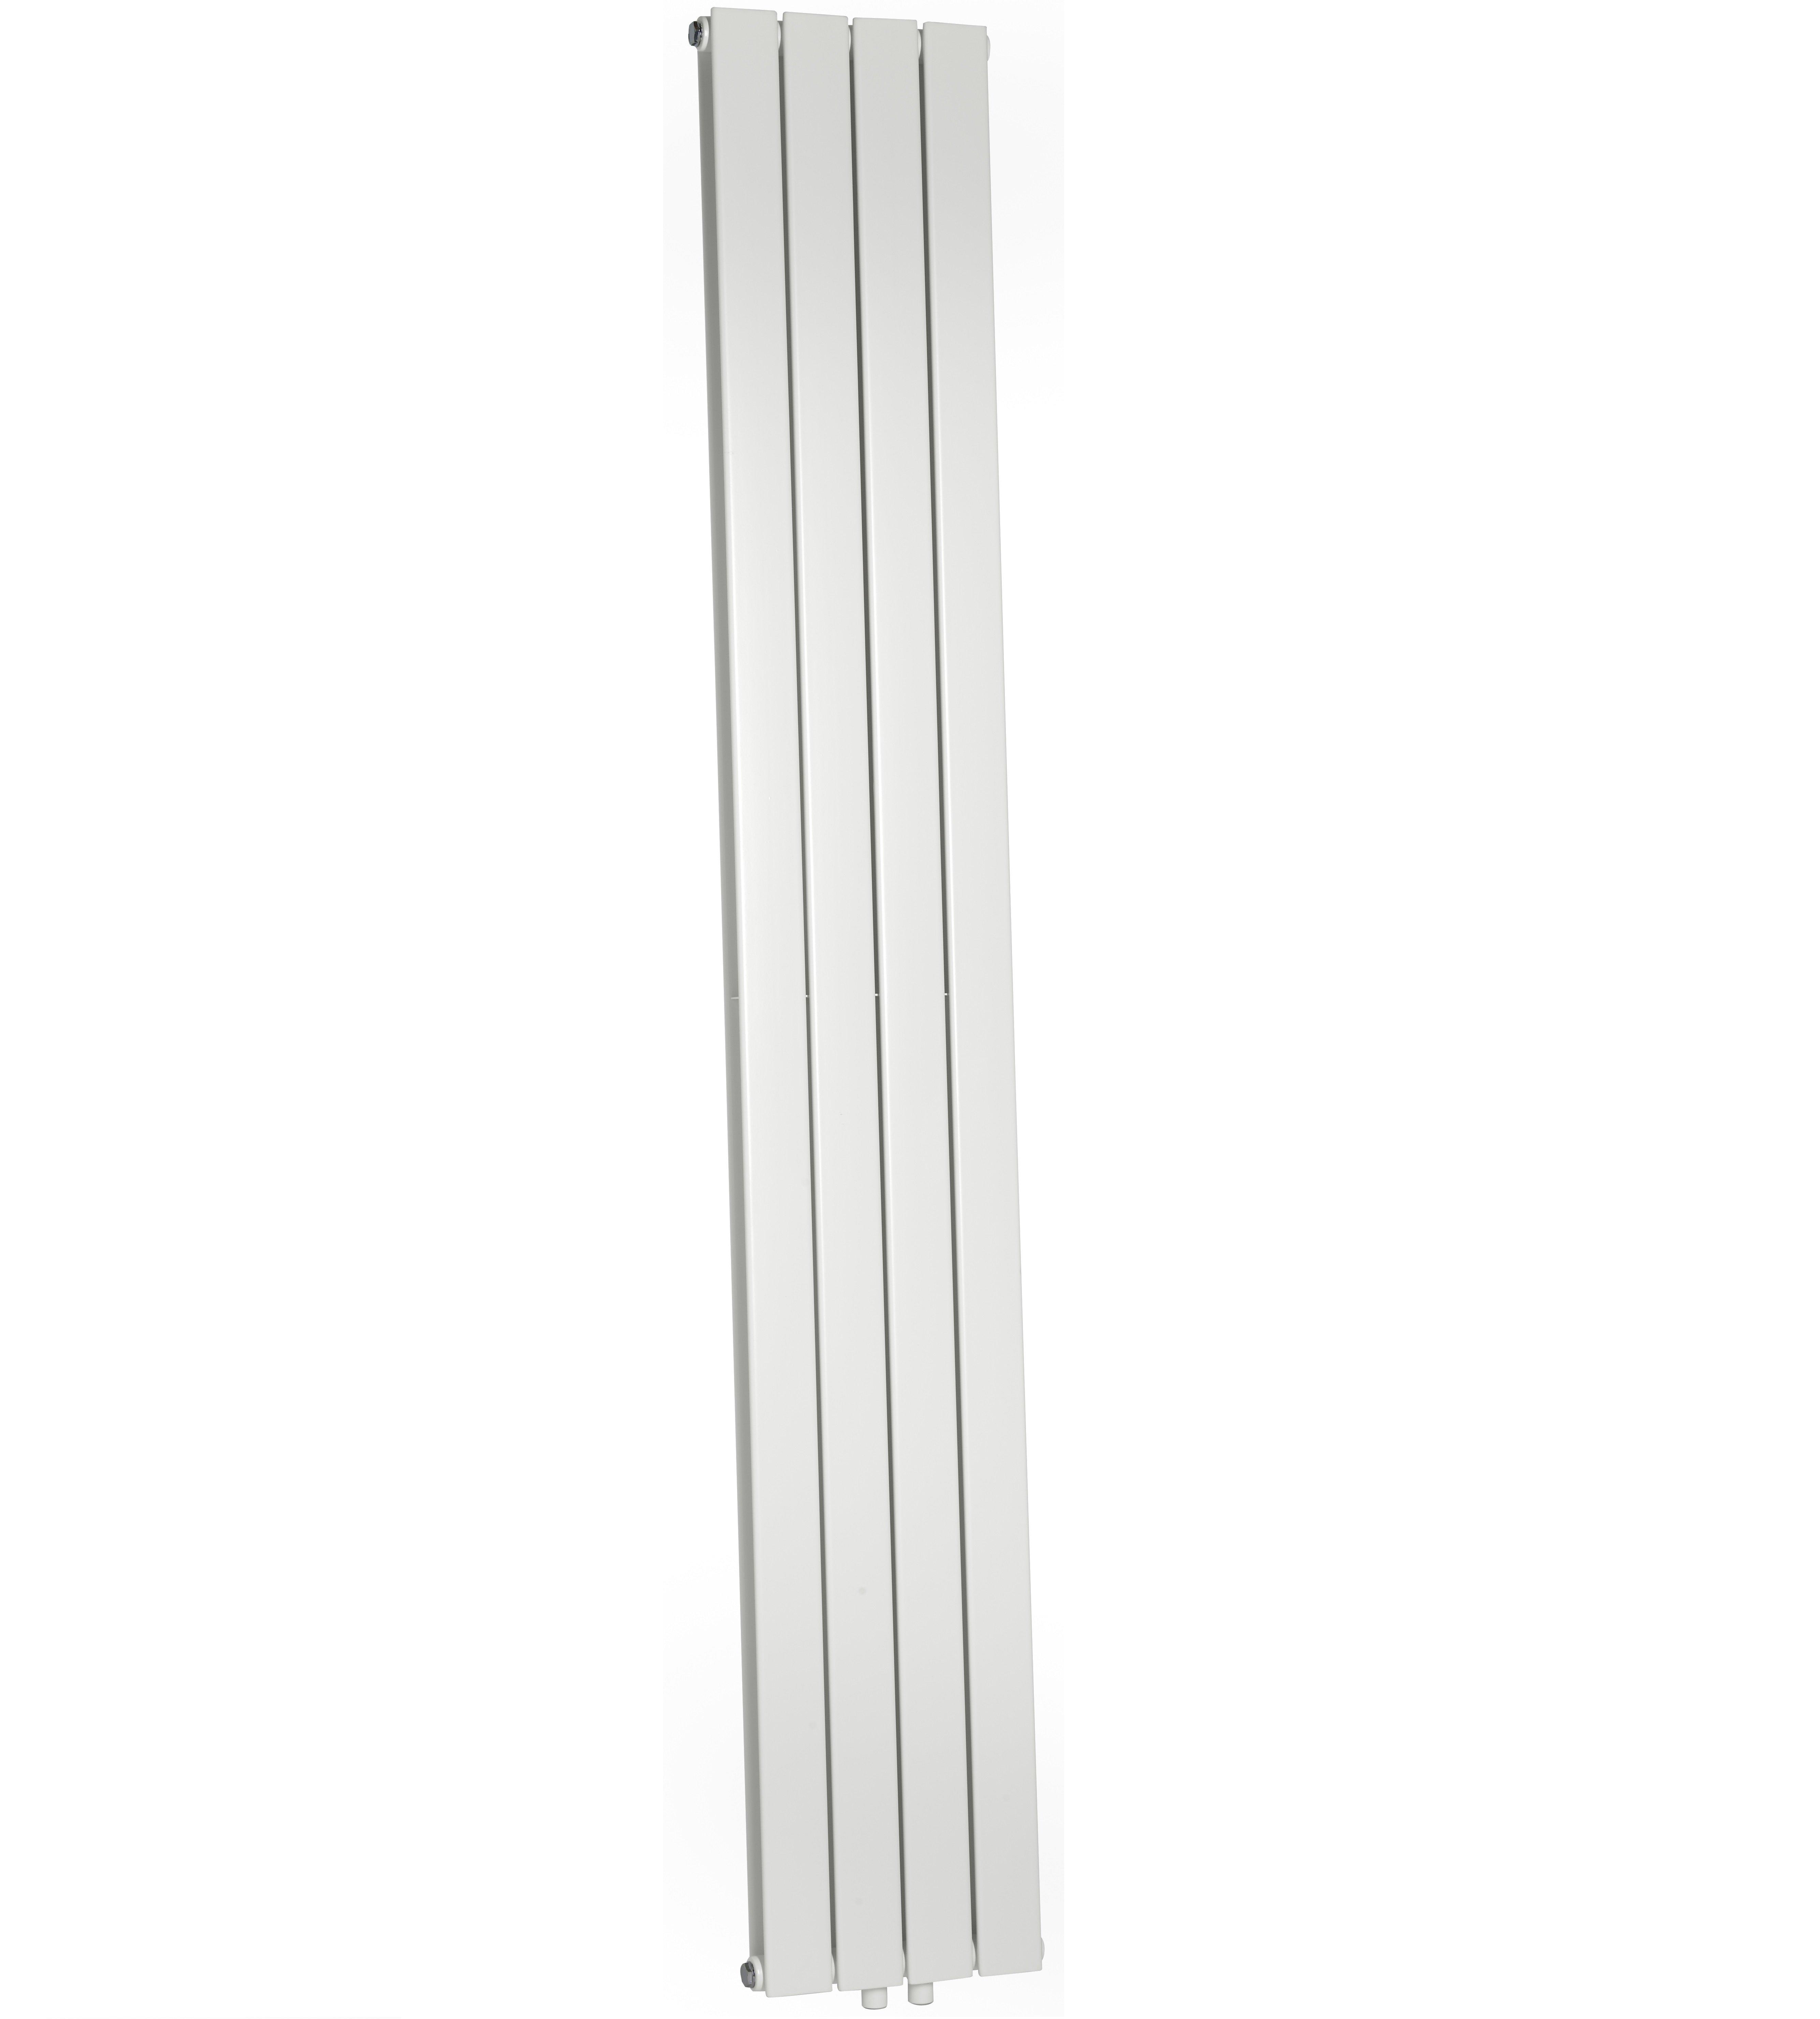 Wiesbaden Millennium sierradiator dubbel 200x30 cm wit midden/onderaansluiting